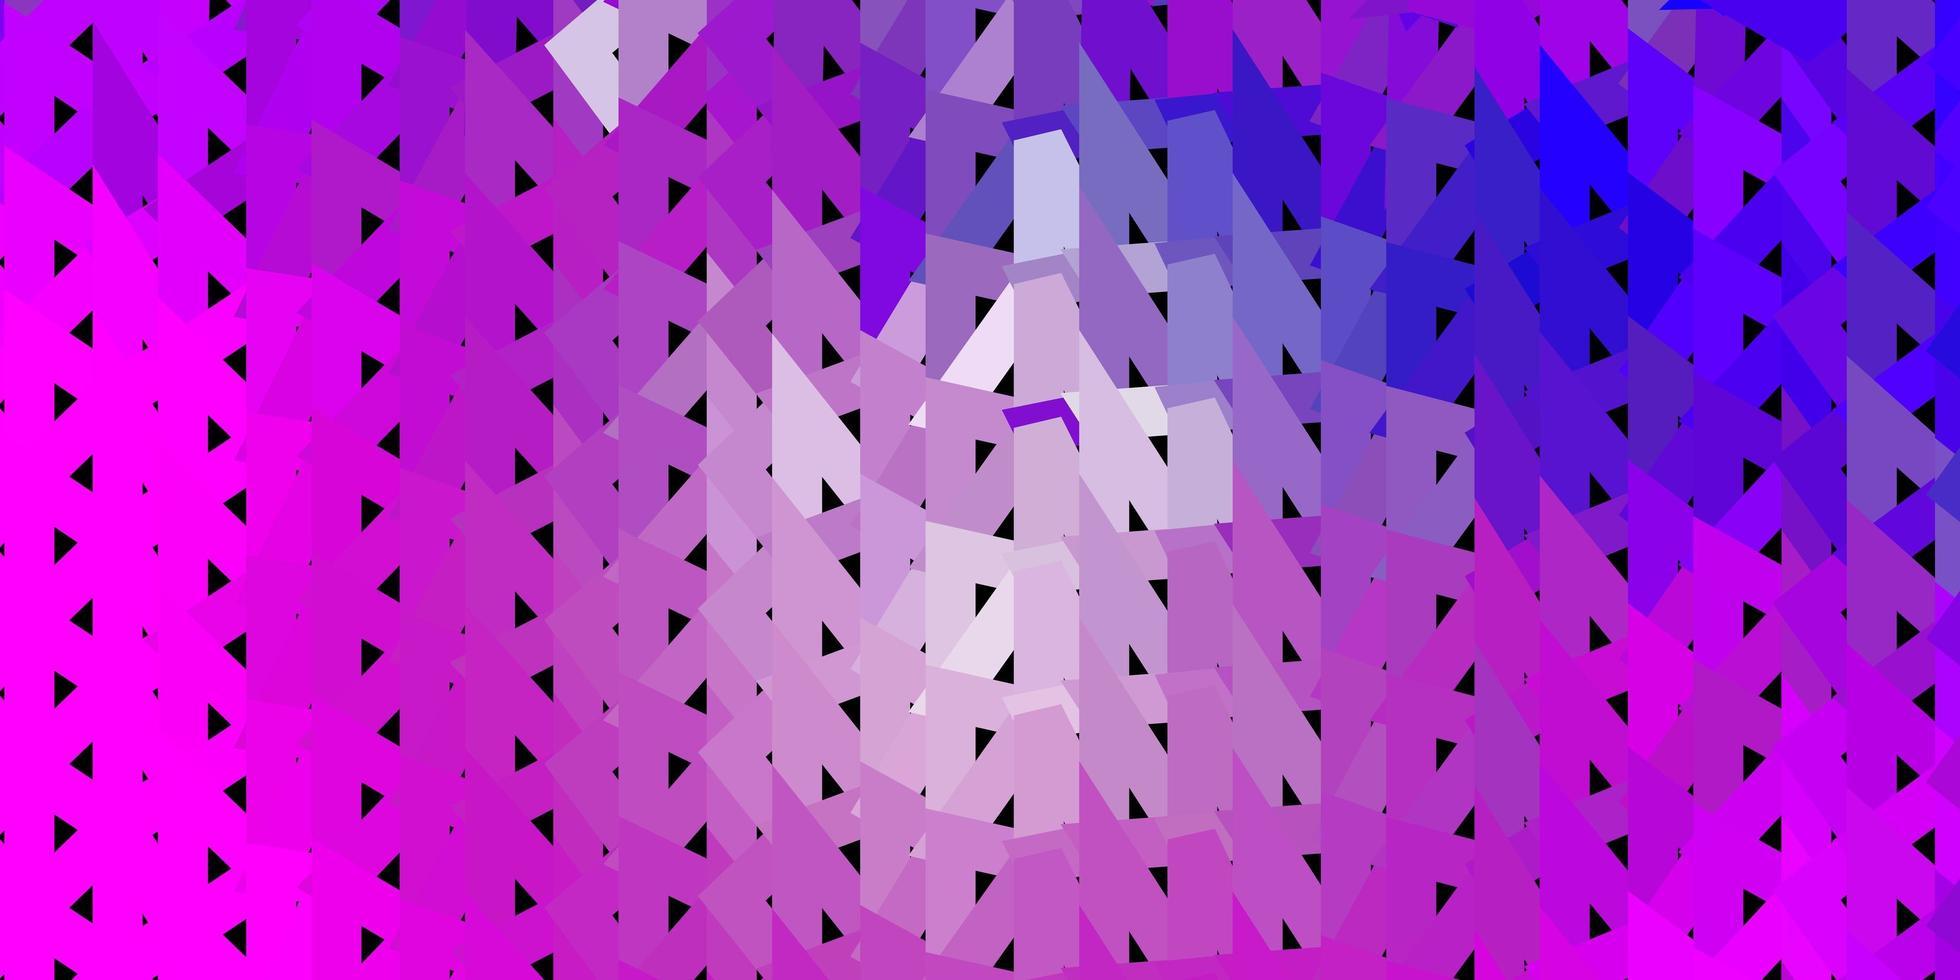 modelo de triângulo abstrato de vetor roxo e rosa claro.